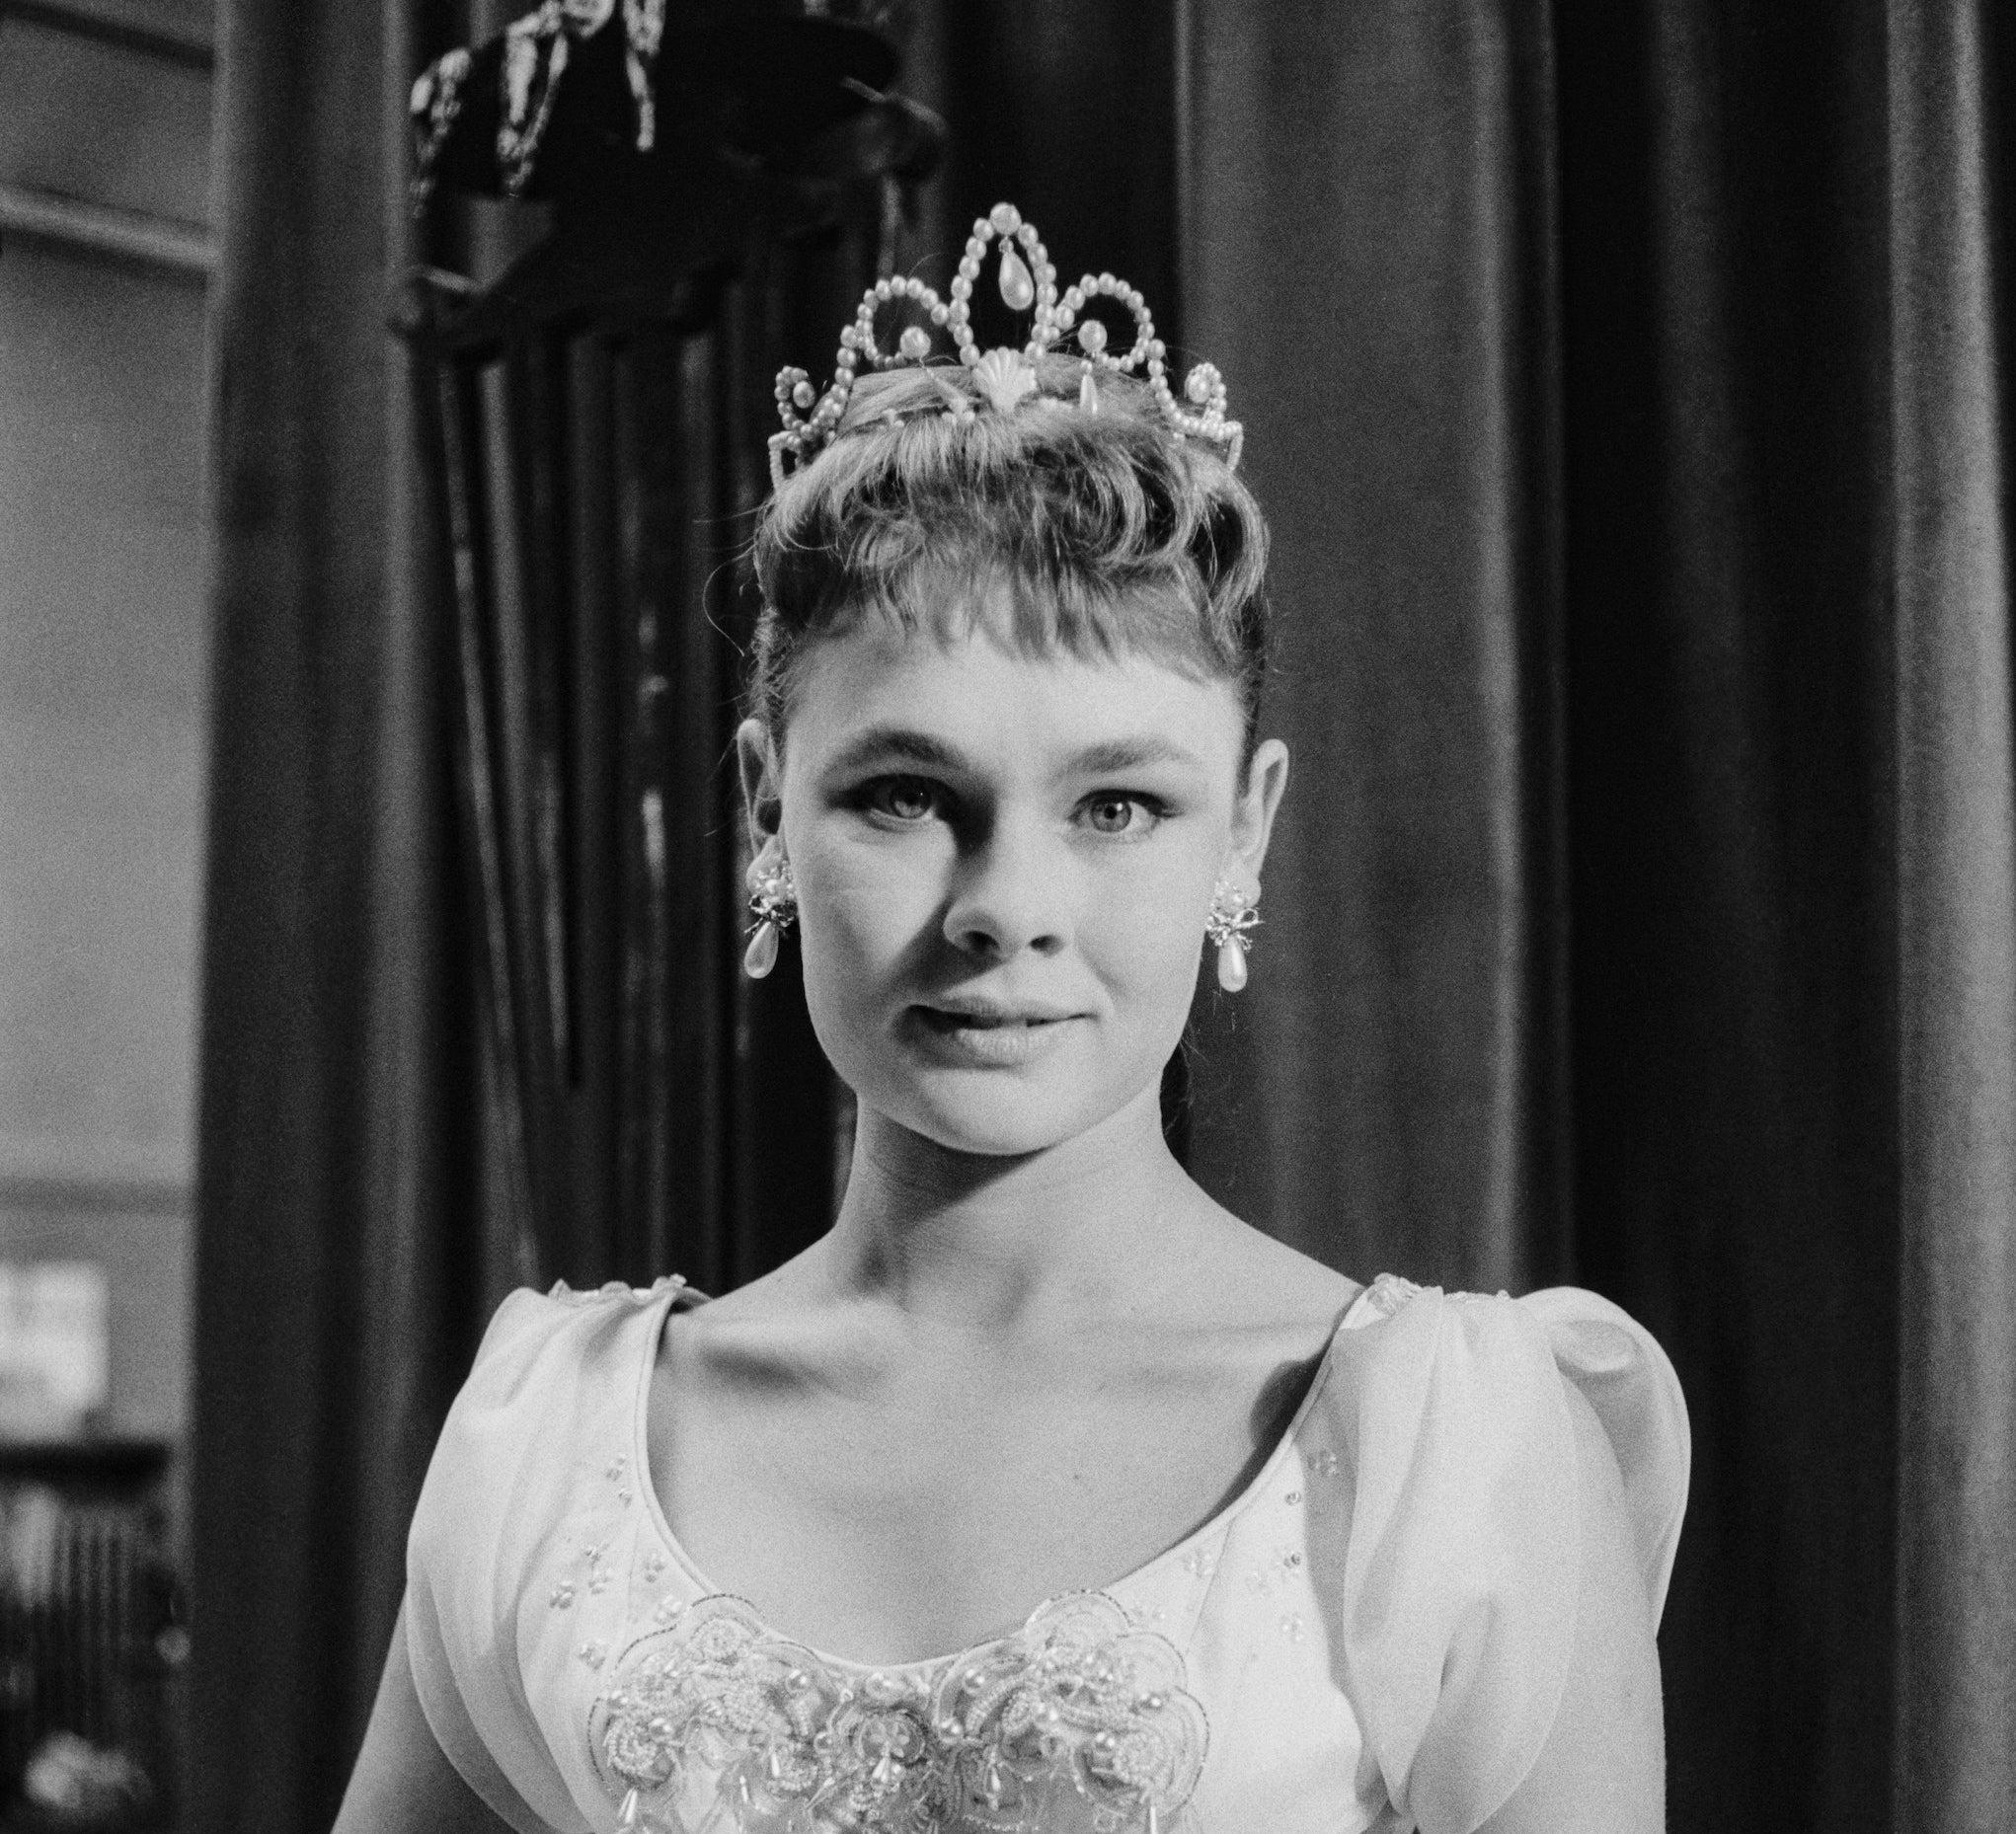 Judi Dench dressed like a princess